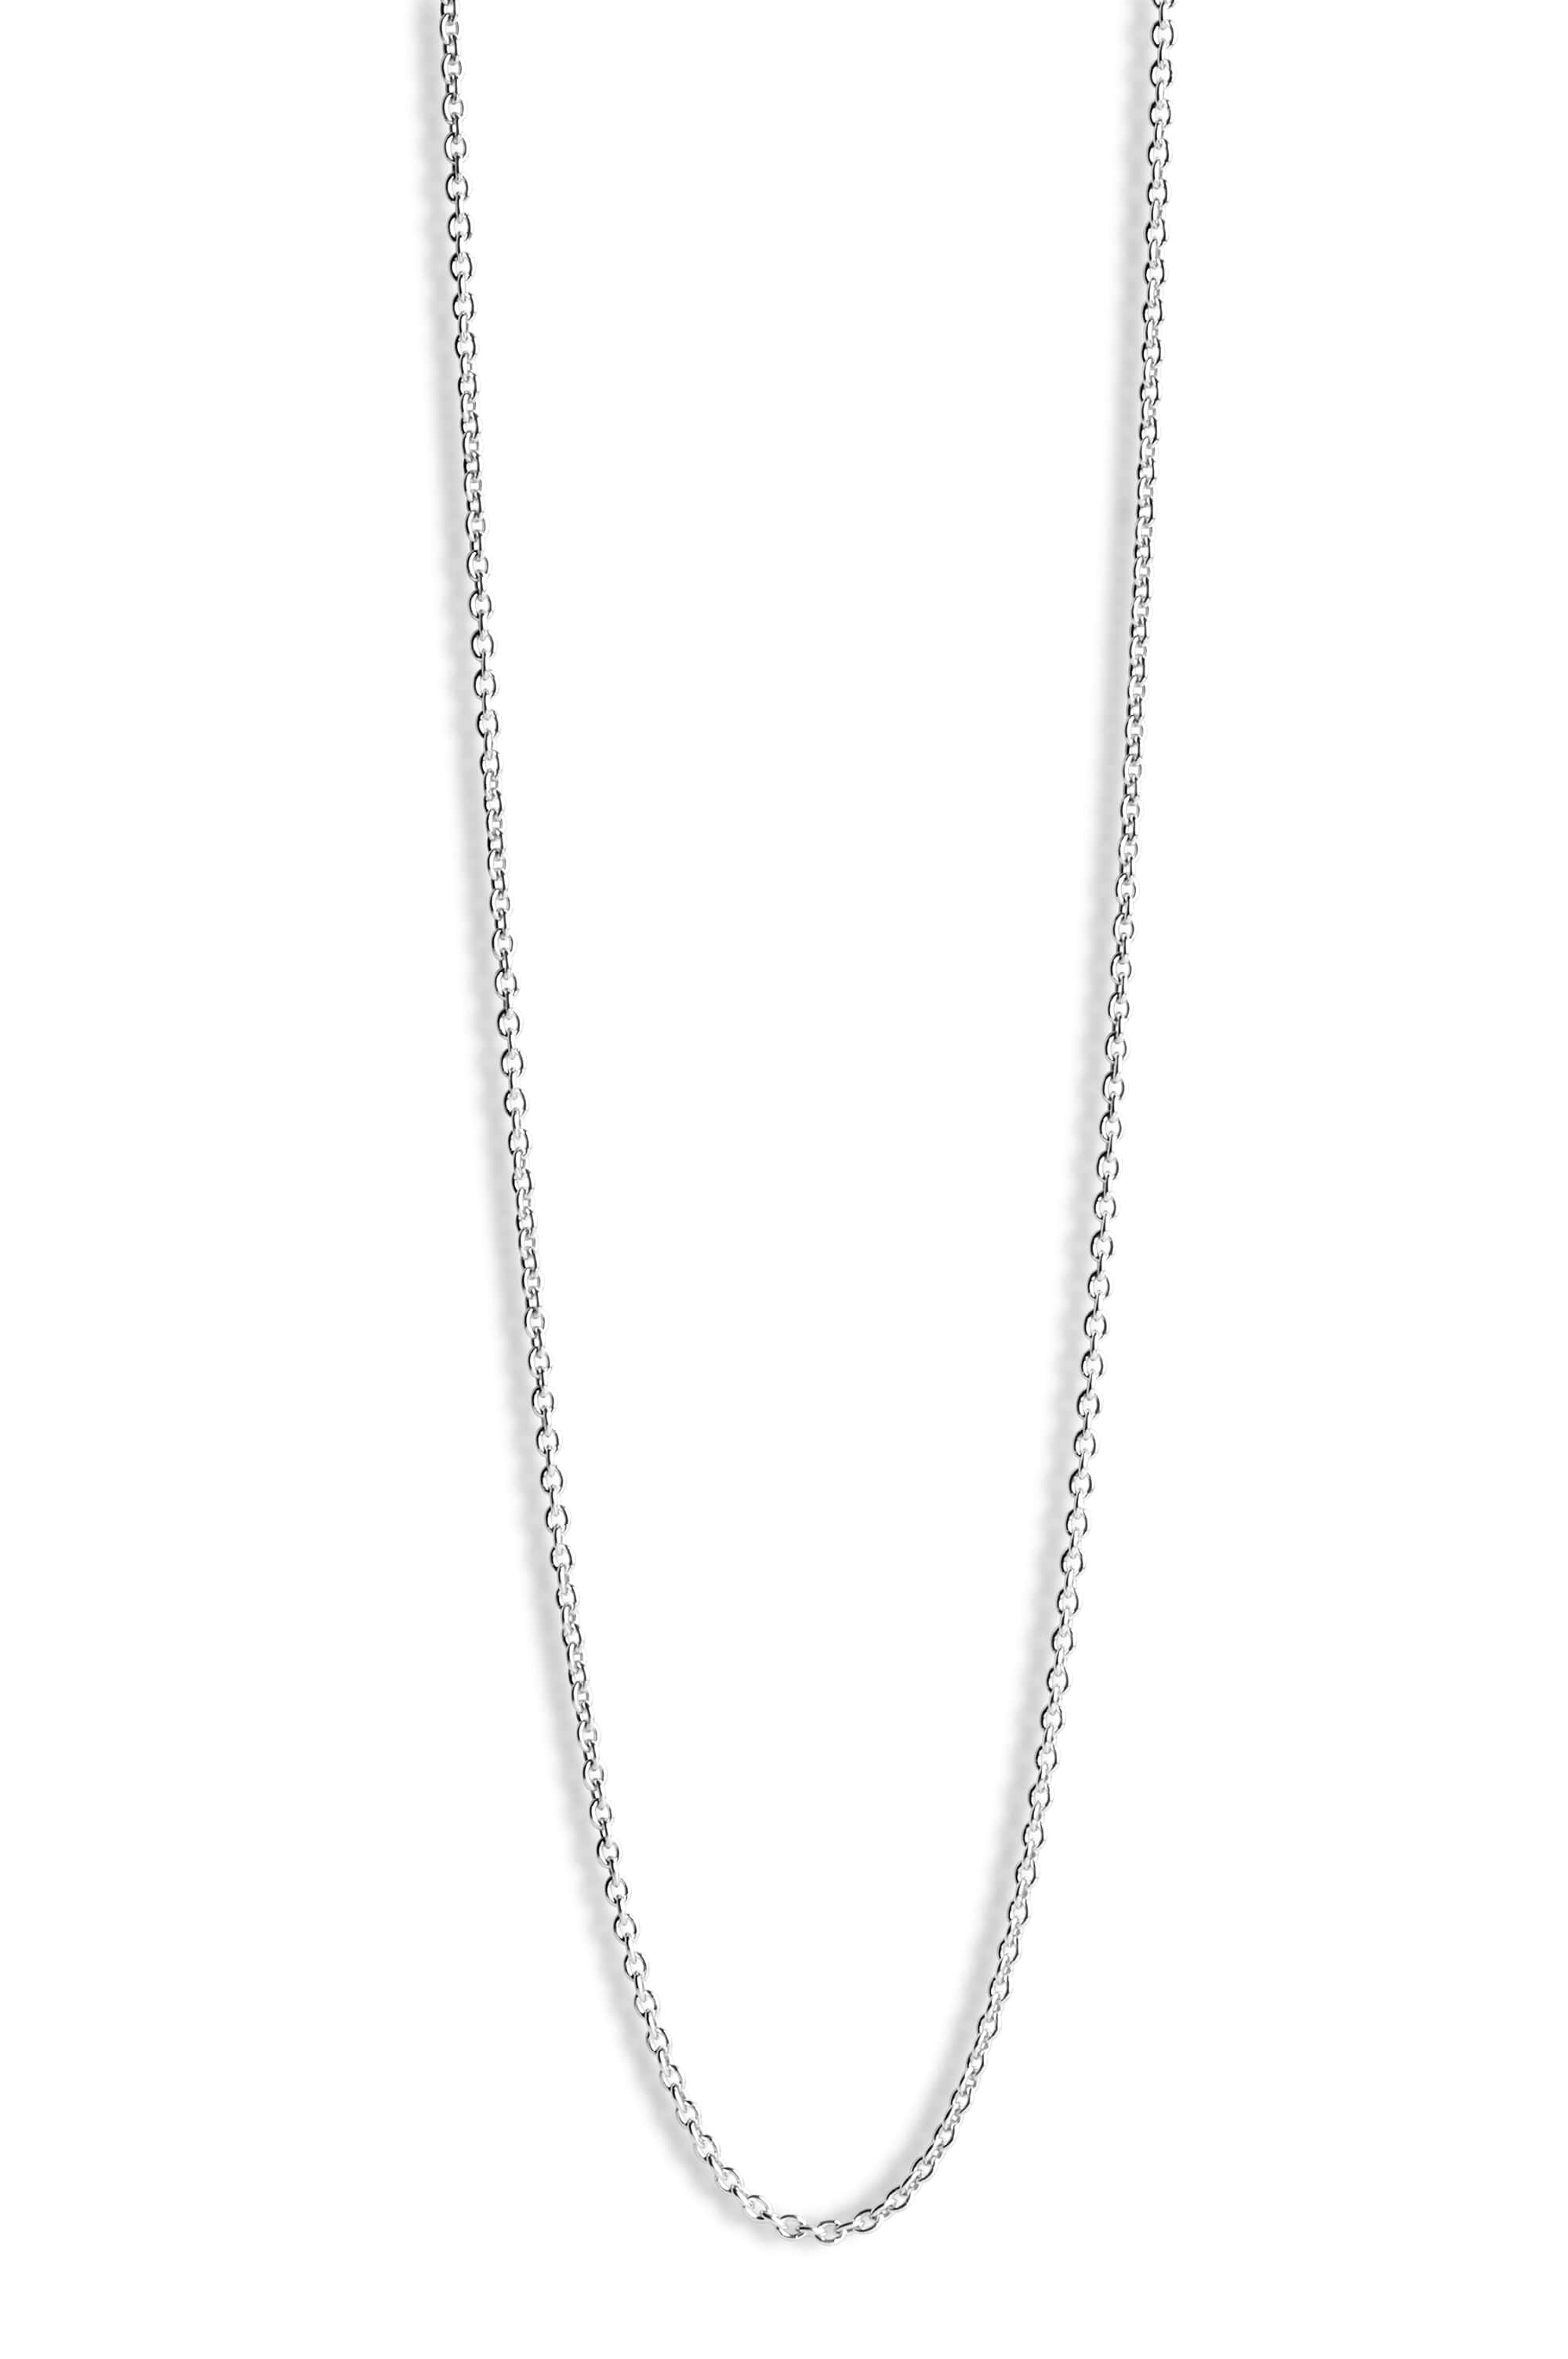 Jane Kønig Anchor Chain halskæde